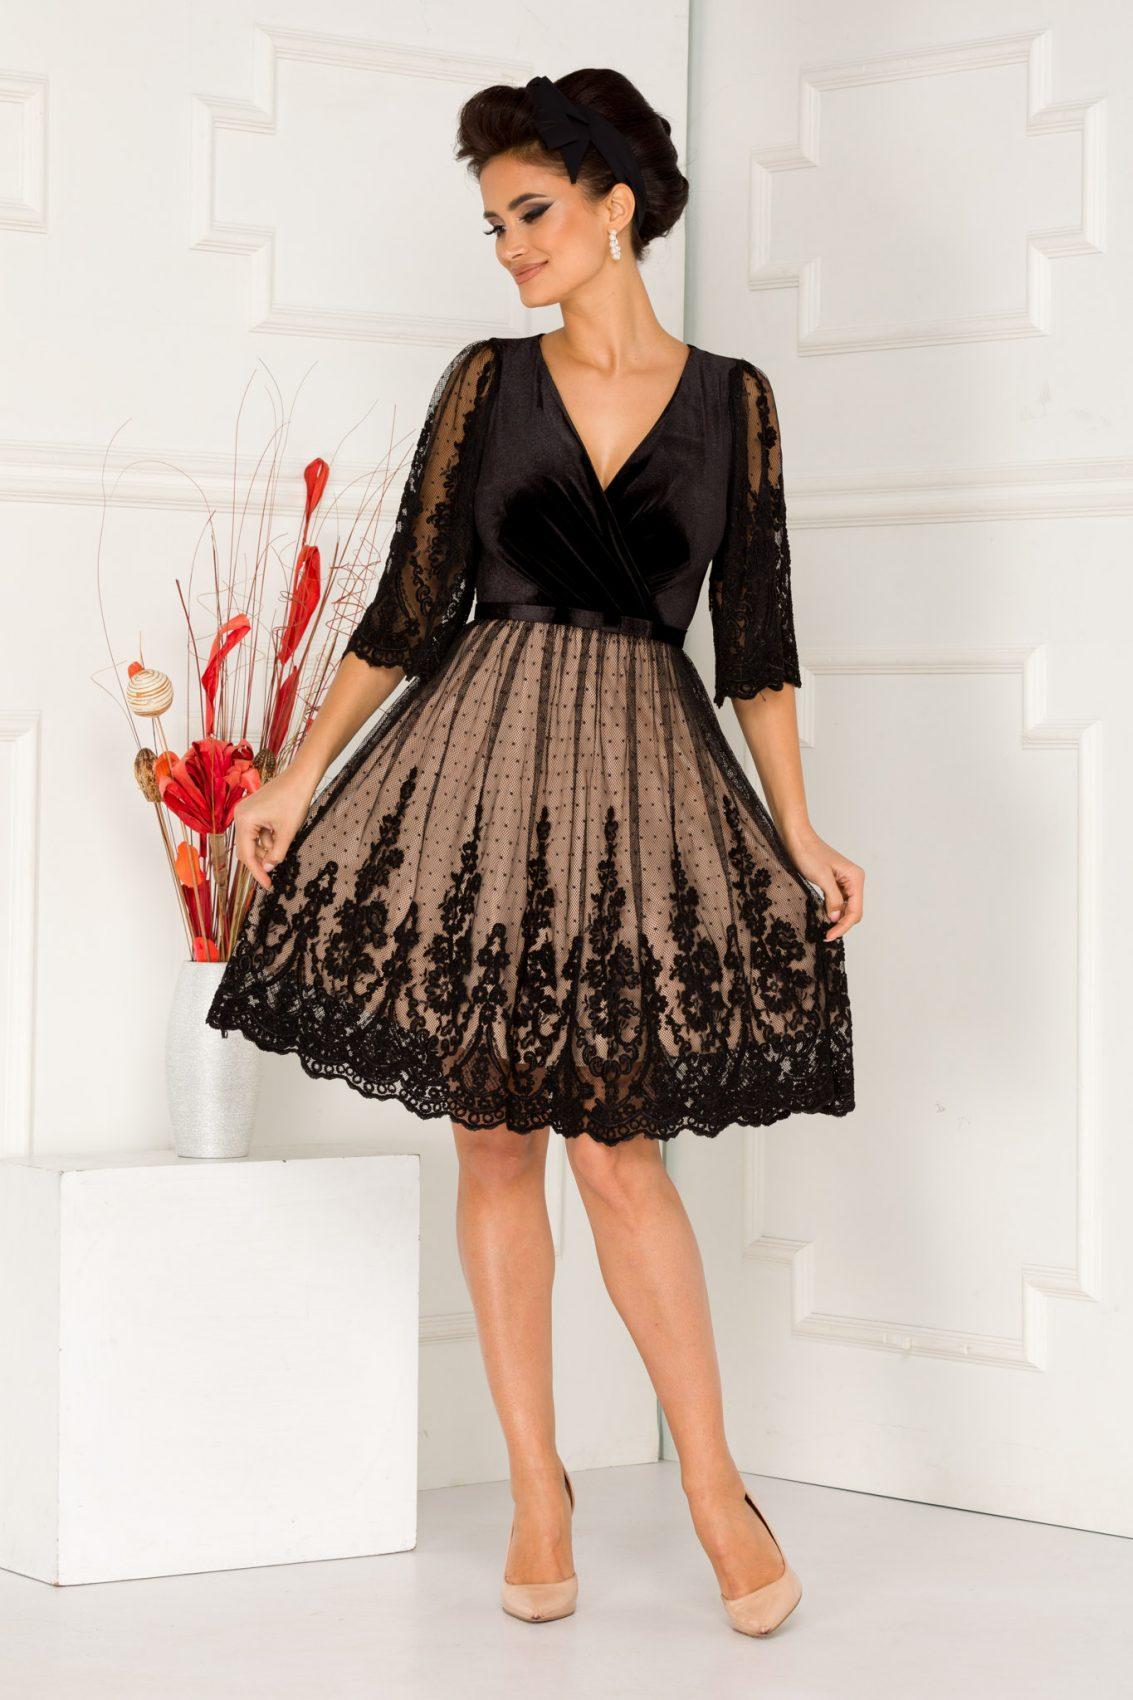 Debra Black Dress